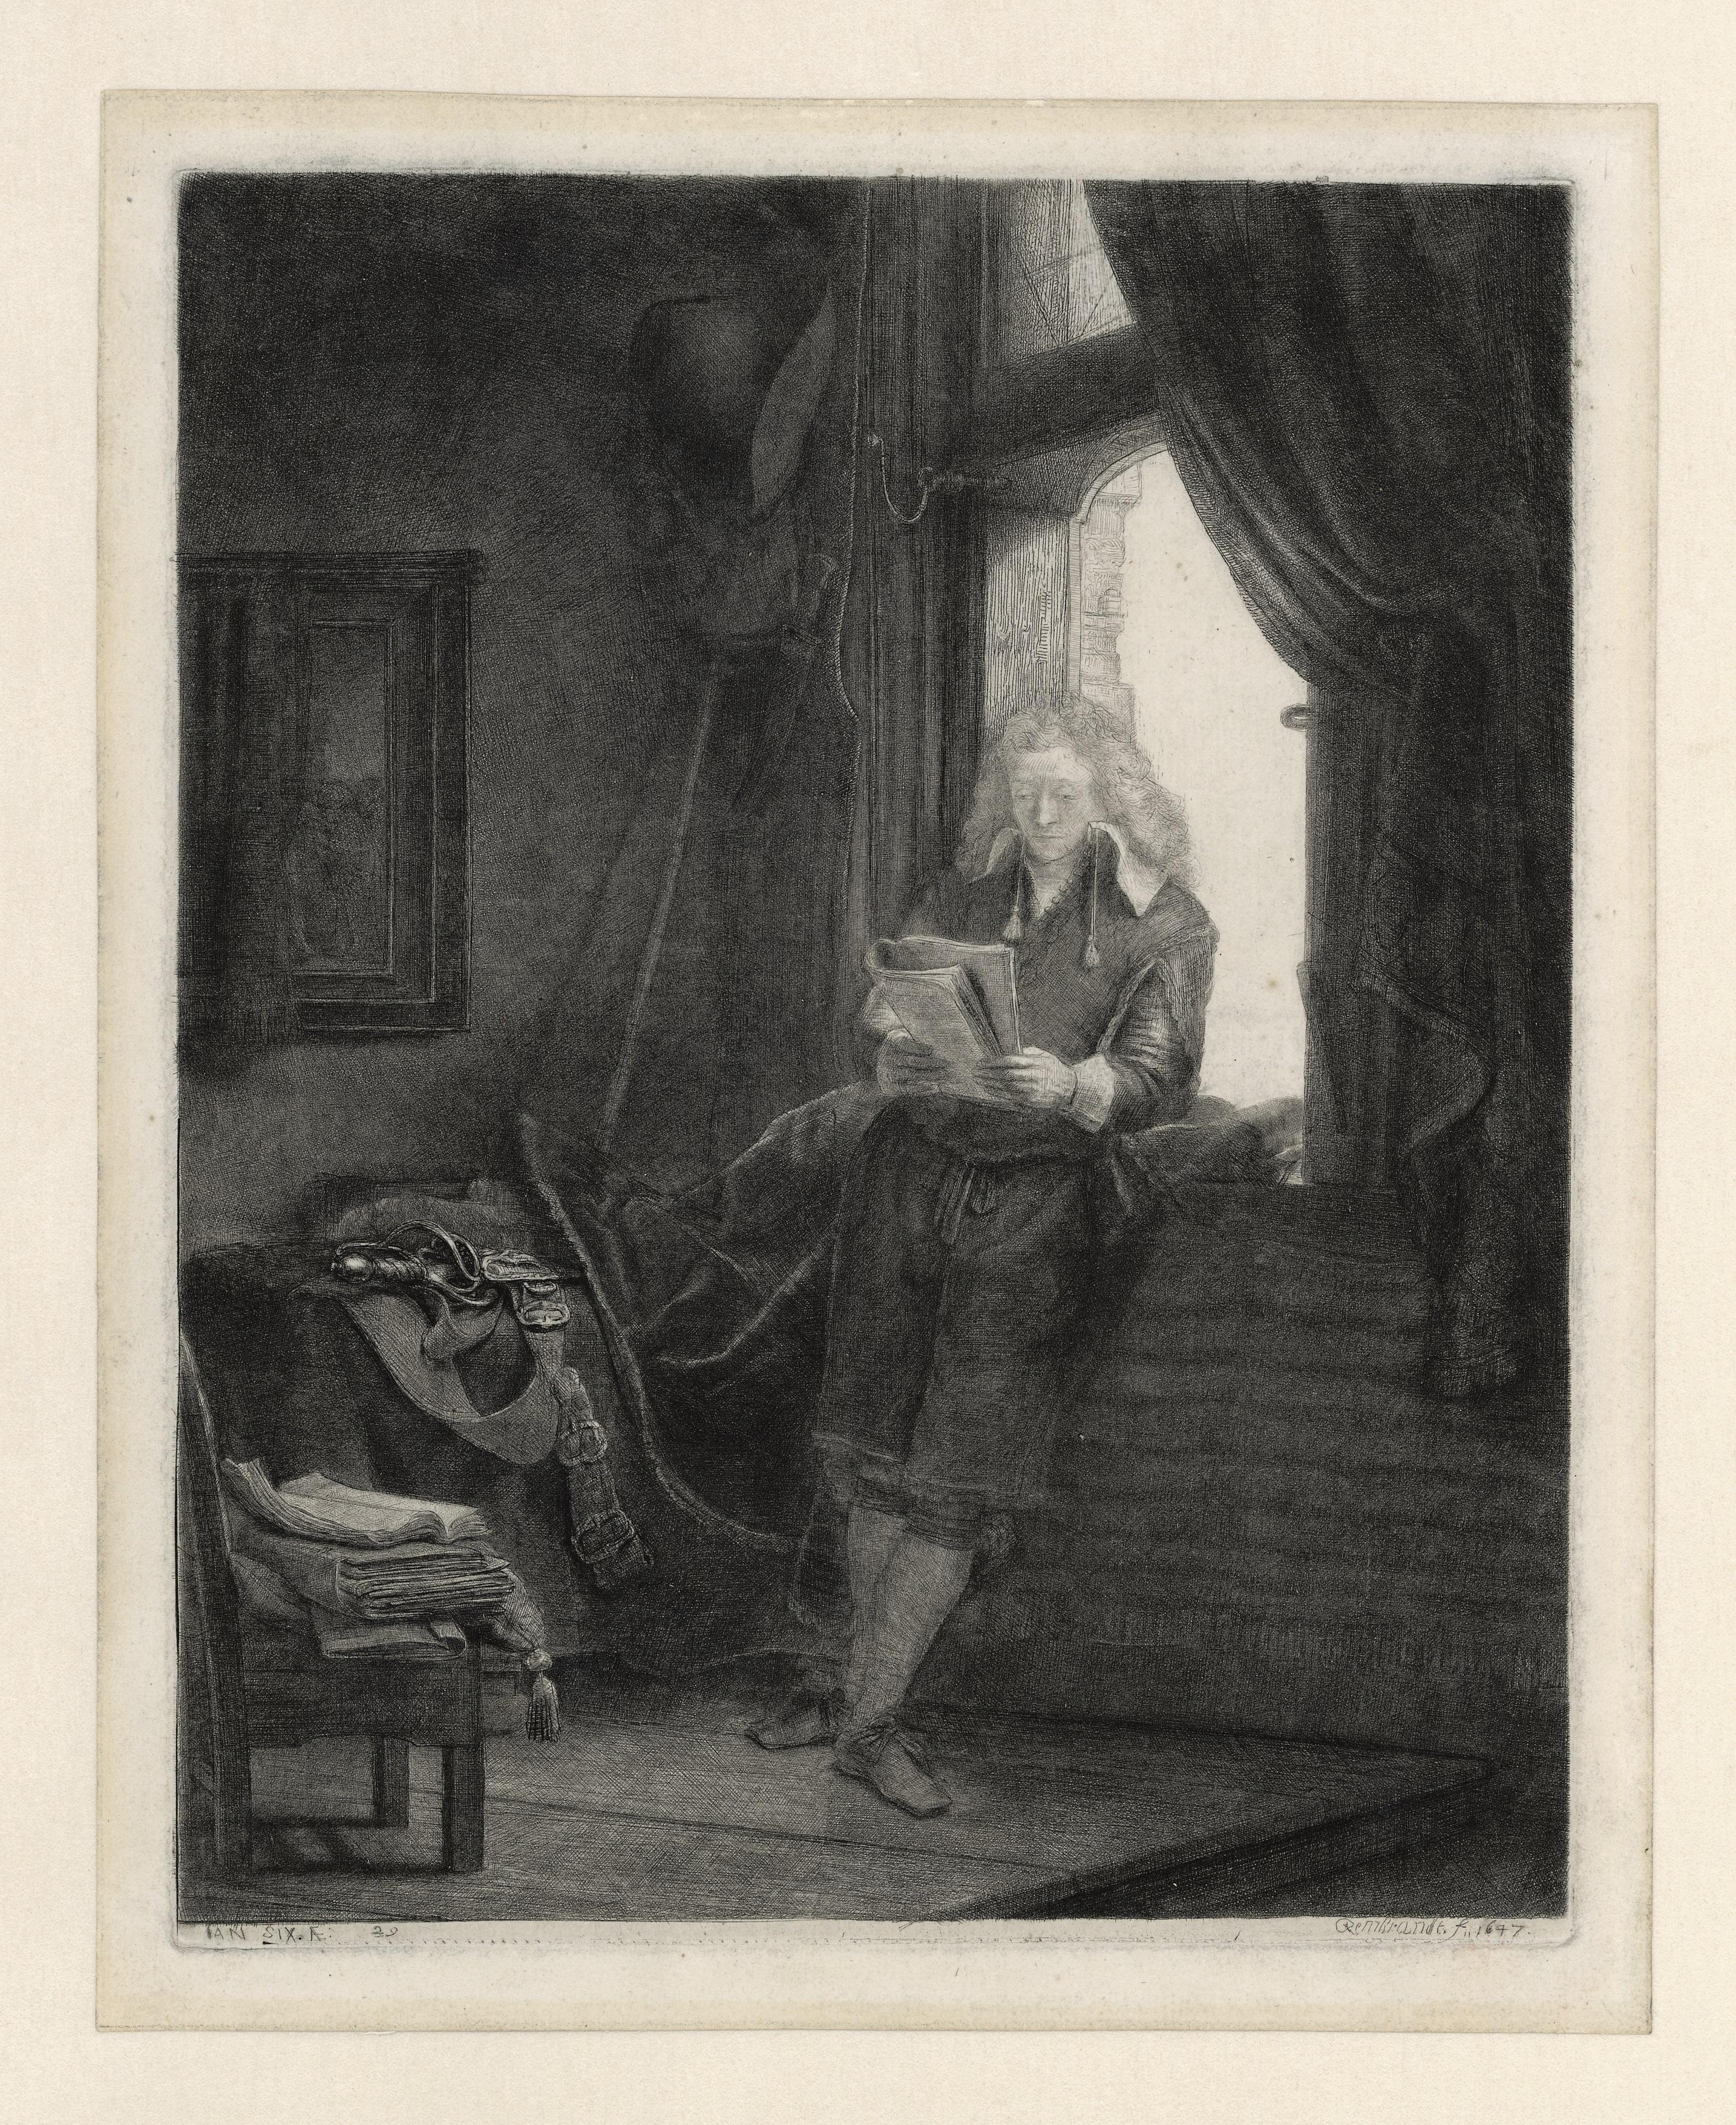 https://www.rembrandthuis.nl/wp-content/uploads/2017/03/1.Rembrandt-van-Rijn-Jan-Six-1647-ets-Museum-Het-Rembrandthuis-inv.-B285.jpg